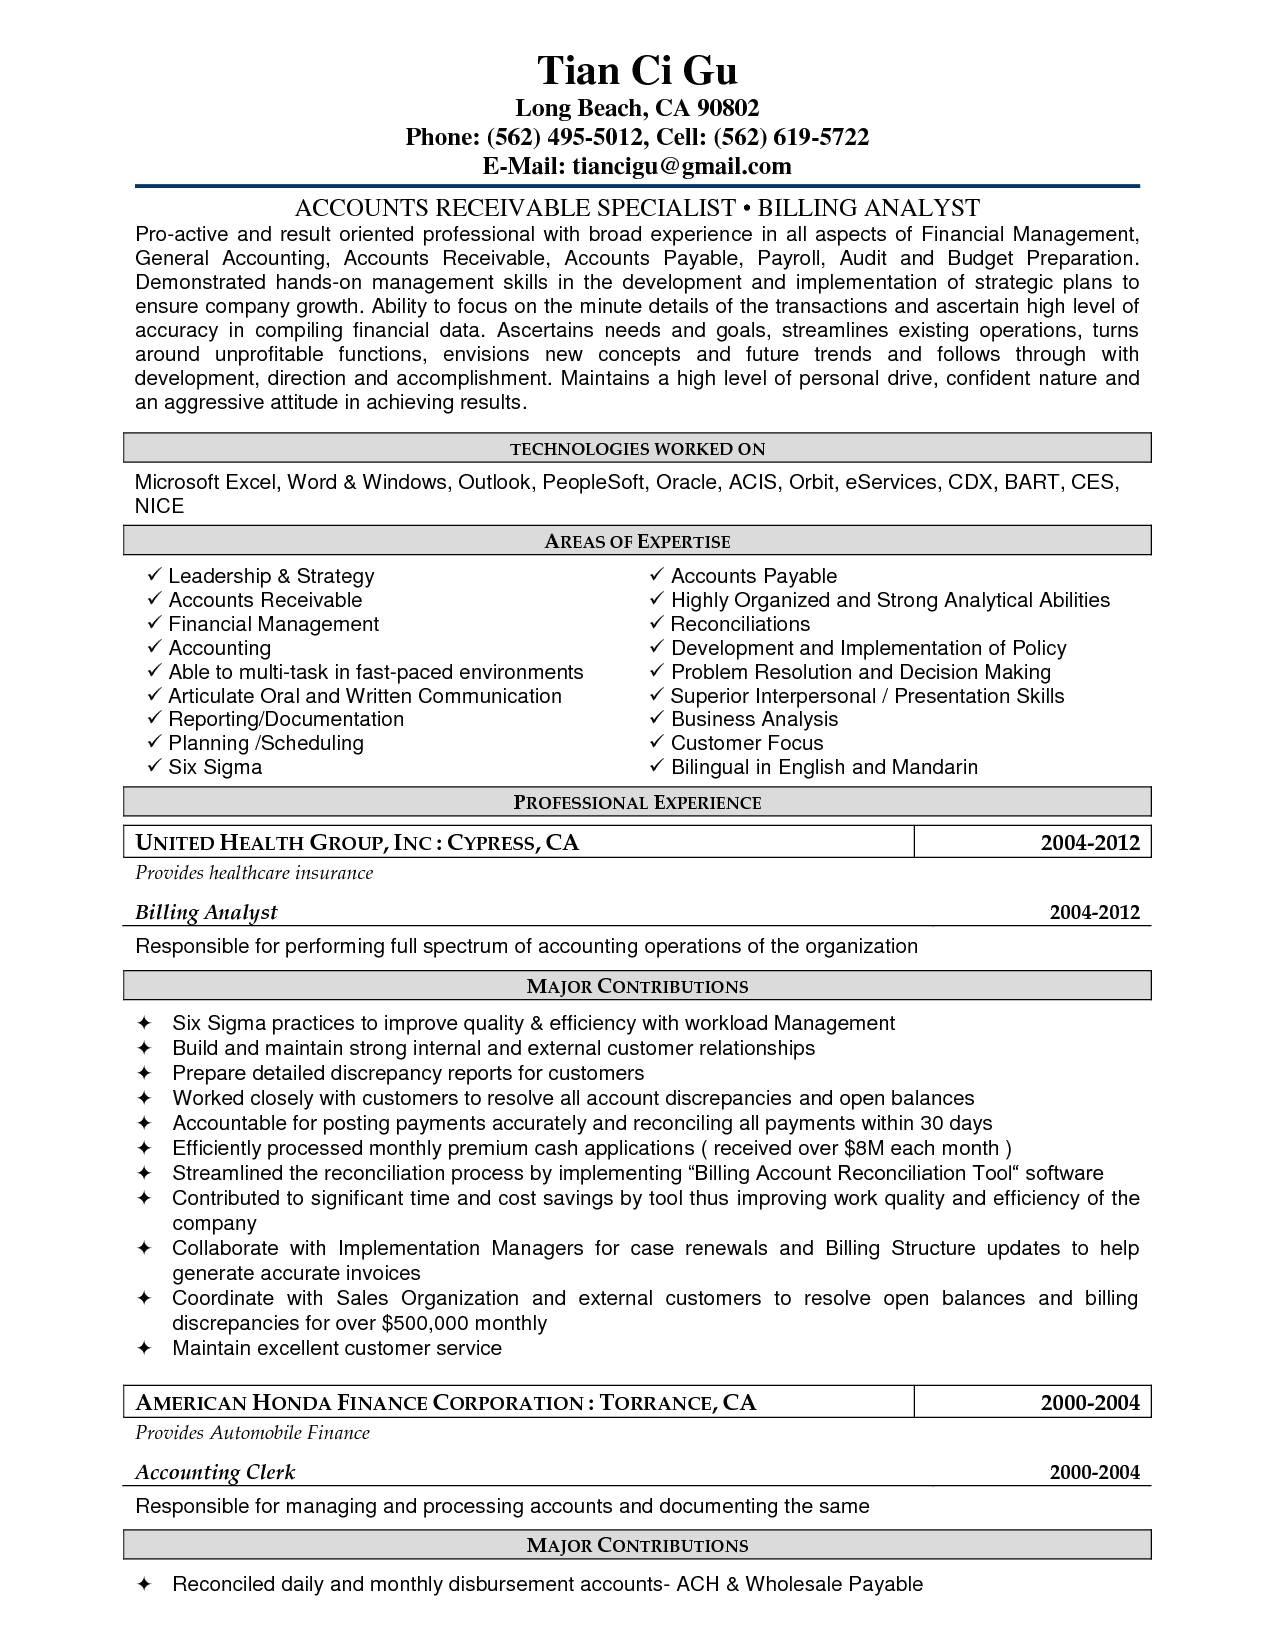 subject matter expert resume samples awesome good custom essay writing service sample cover letter registered